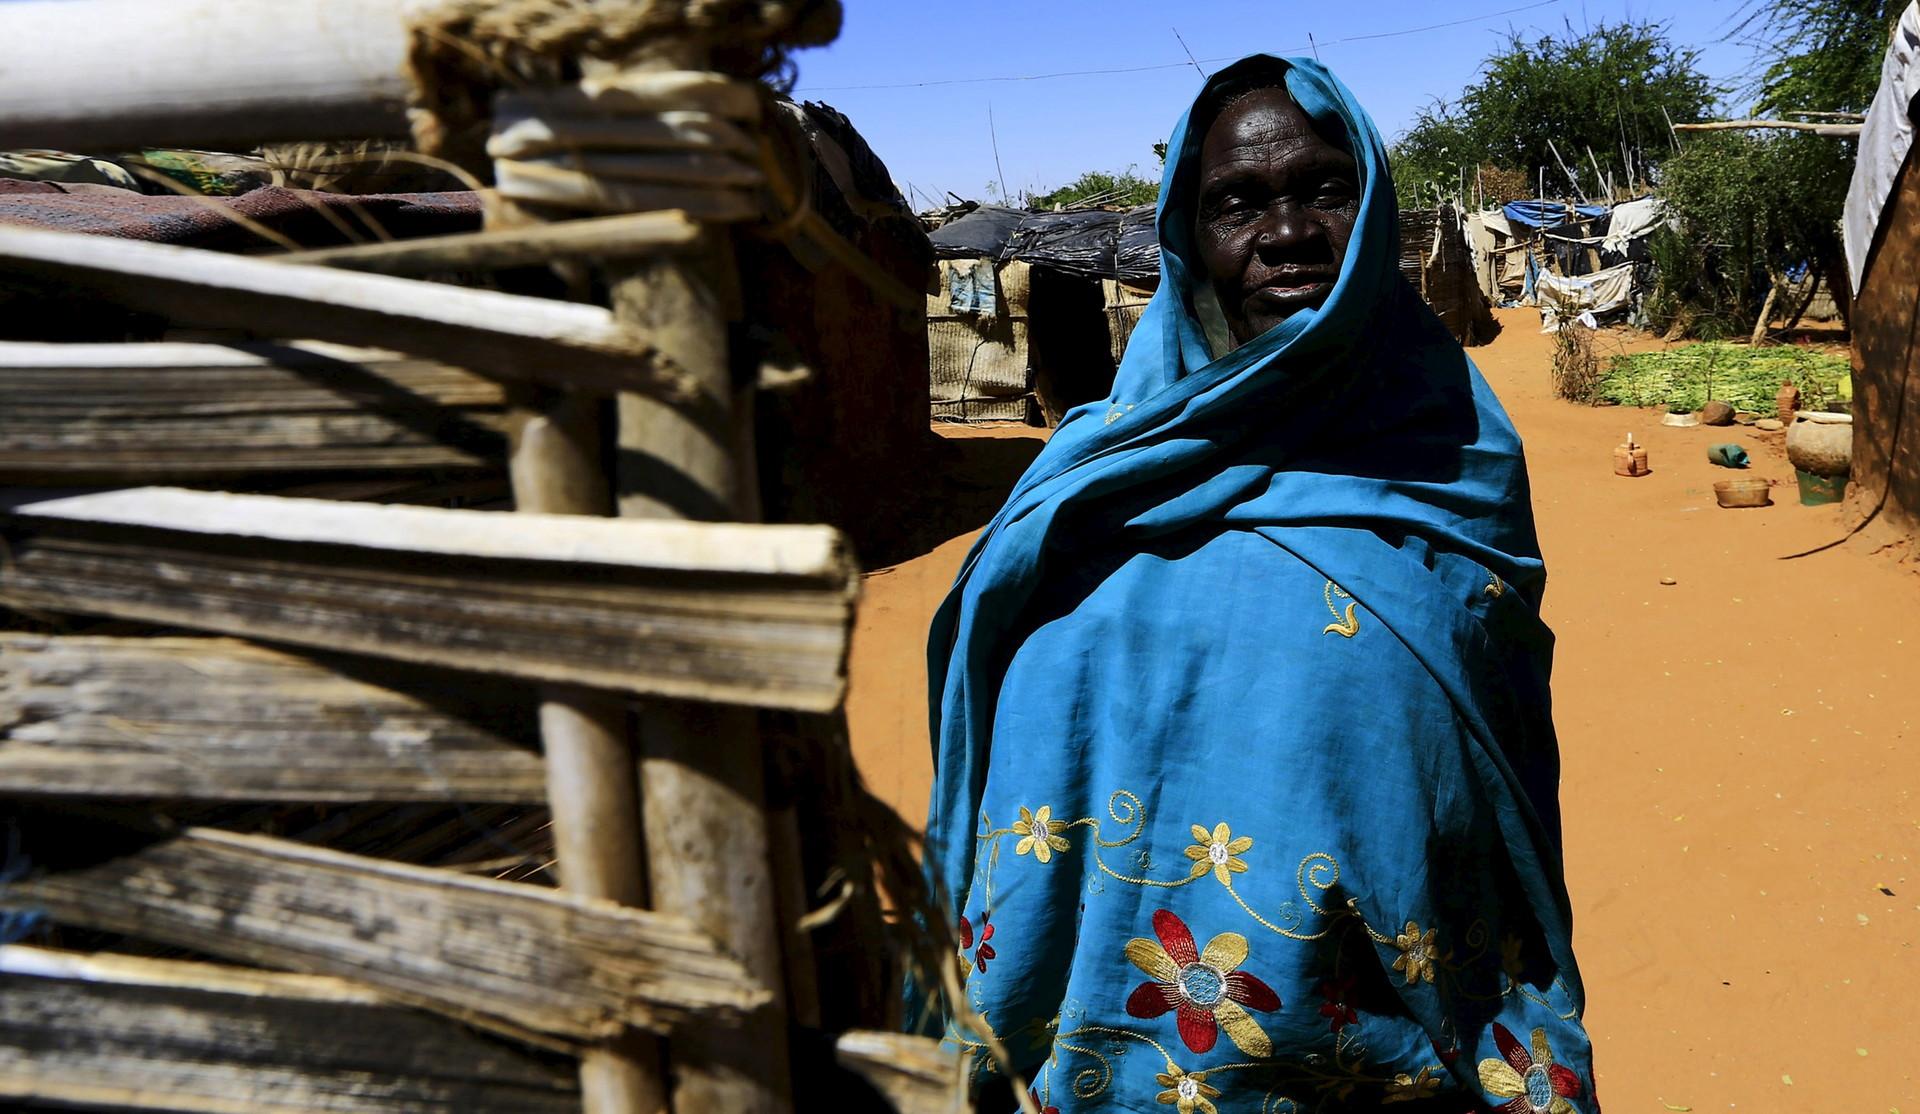 Una desplazada interna fuera de su refugio en el campo Kalma de Nyala, Sudán, 19 de noviembre de 2015.